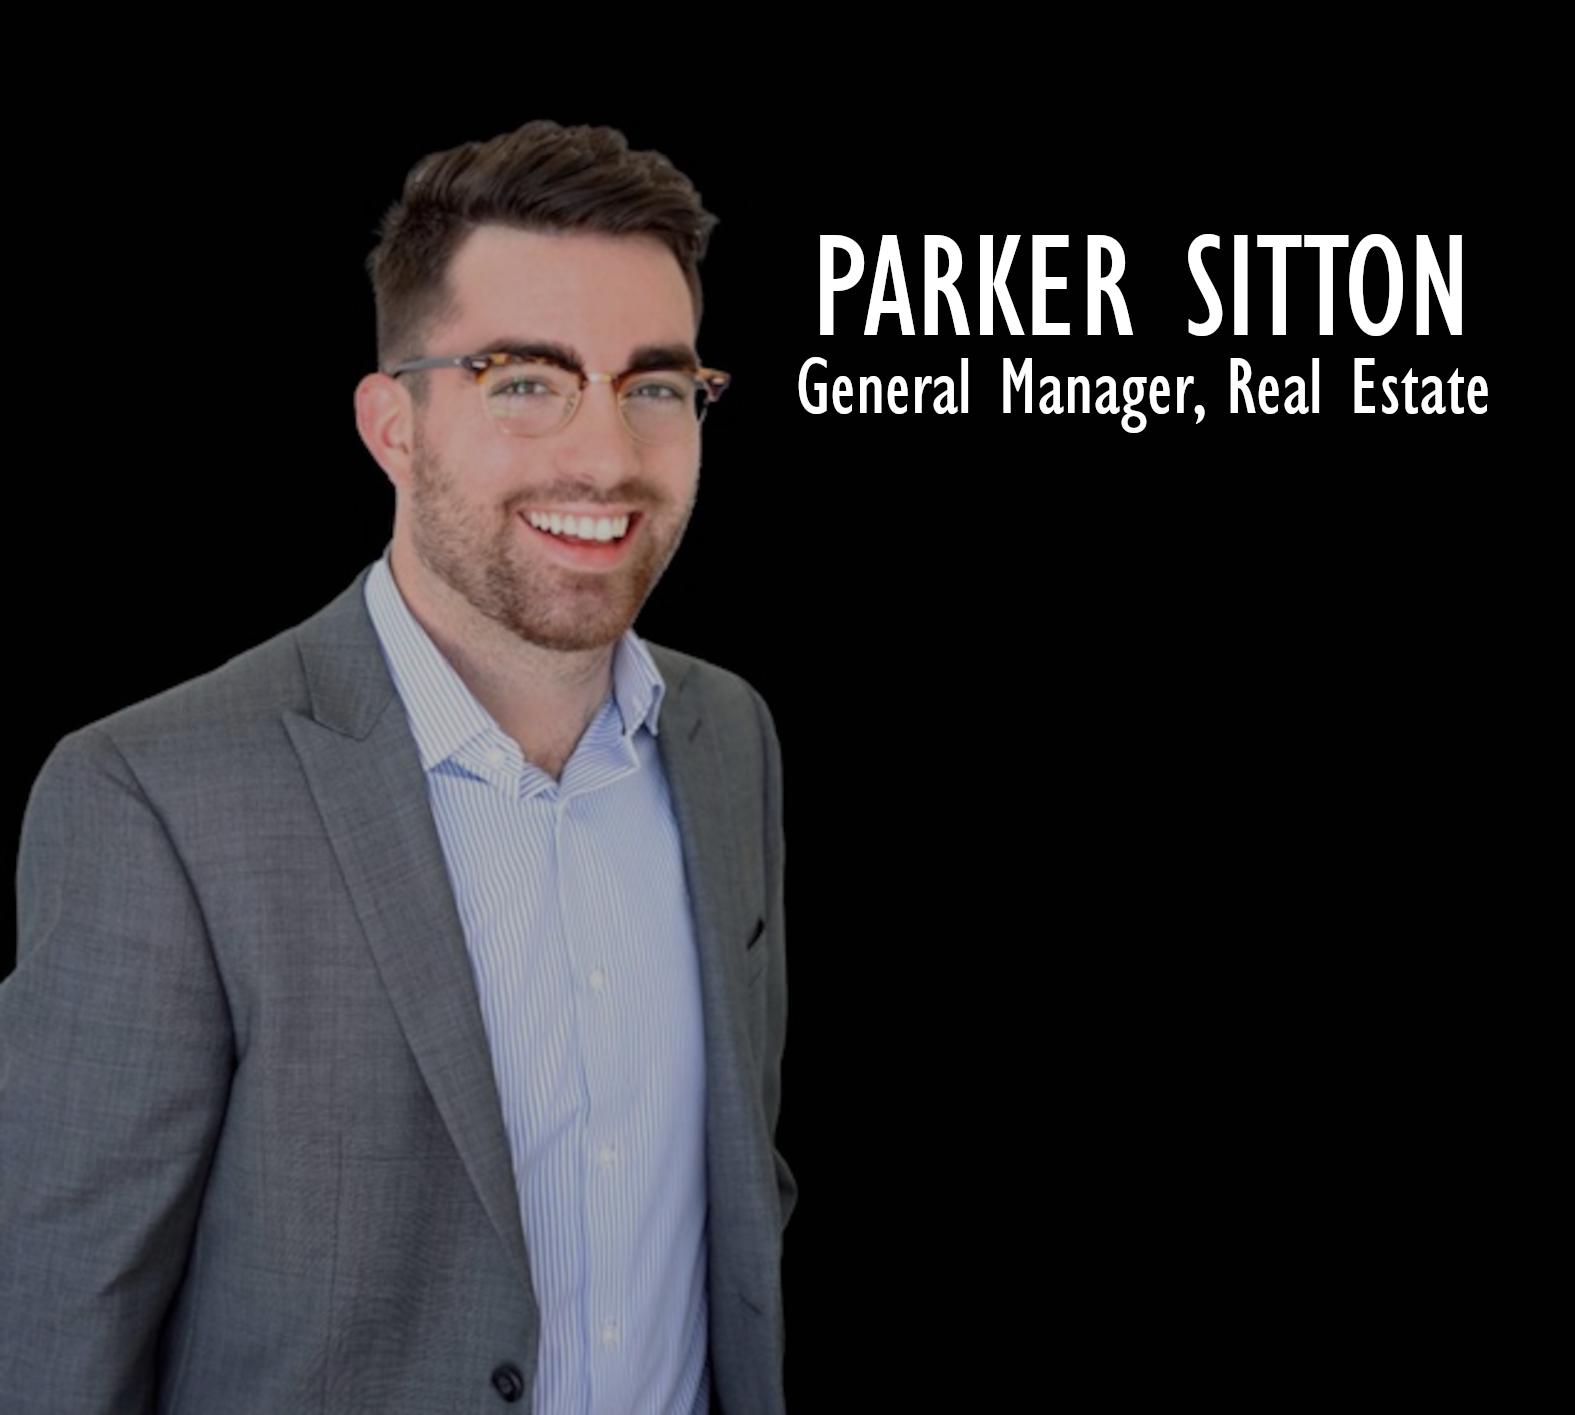 Parker Sitton